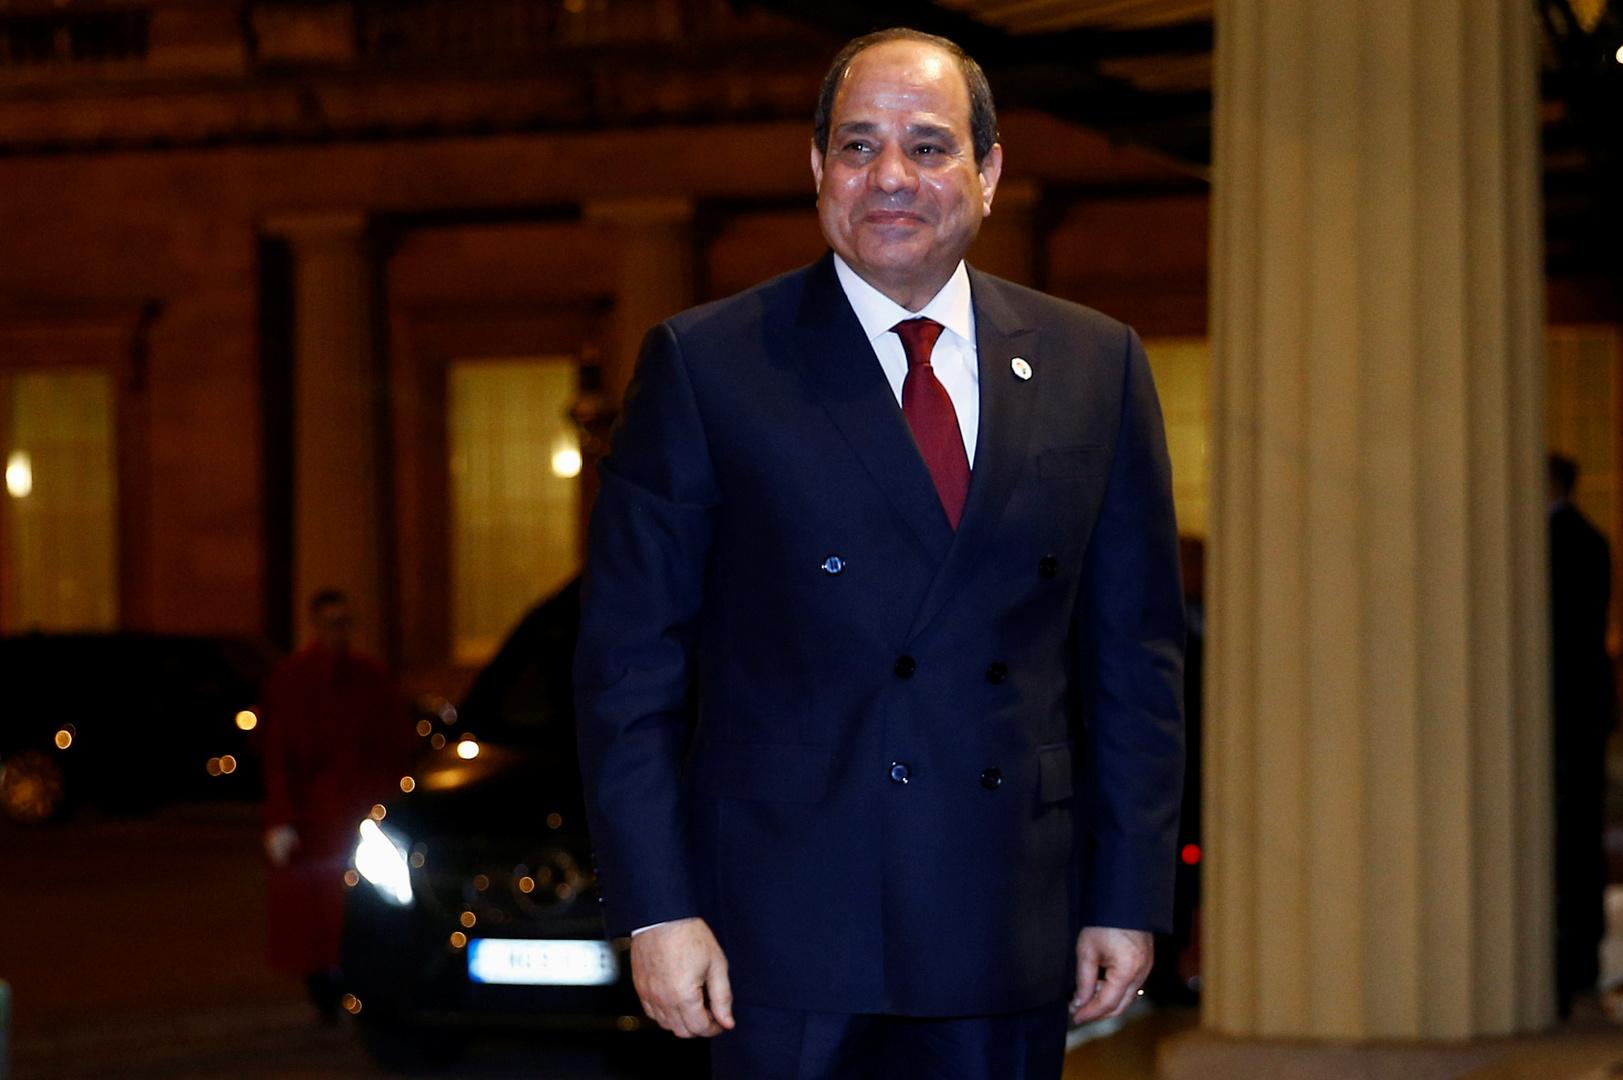 السيسي: أمن مصر القومي لا ينتهي عند حدودها السياسية